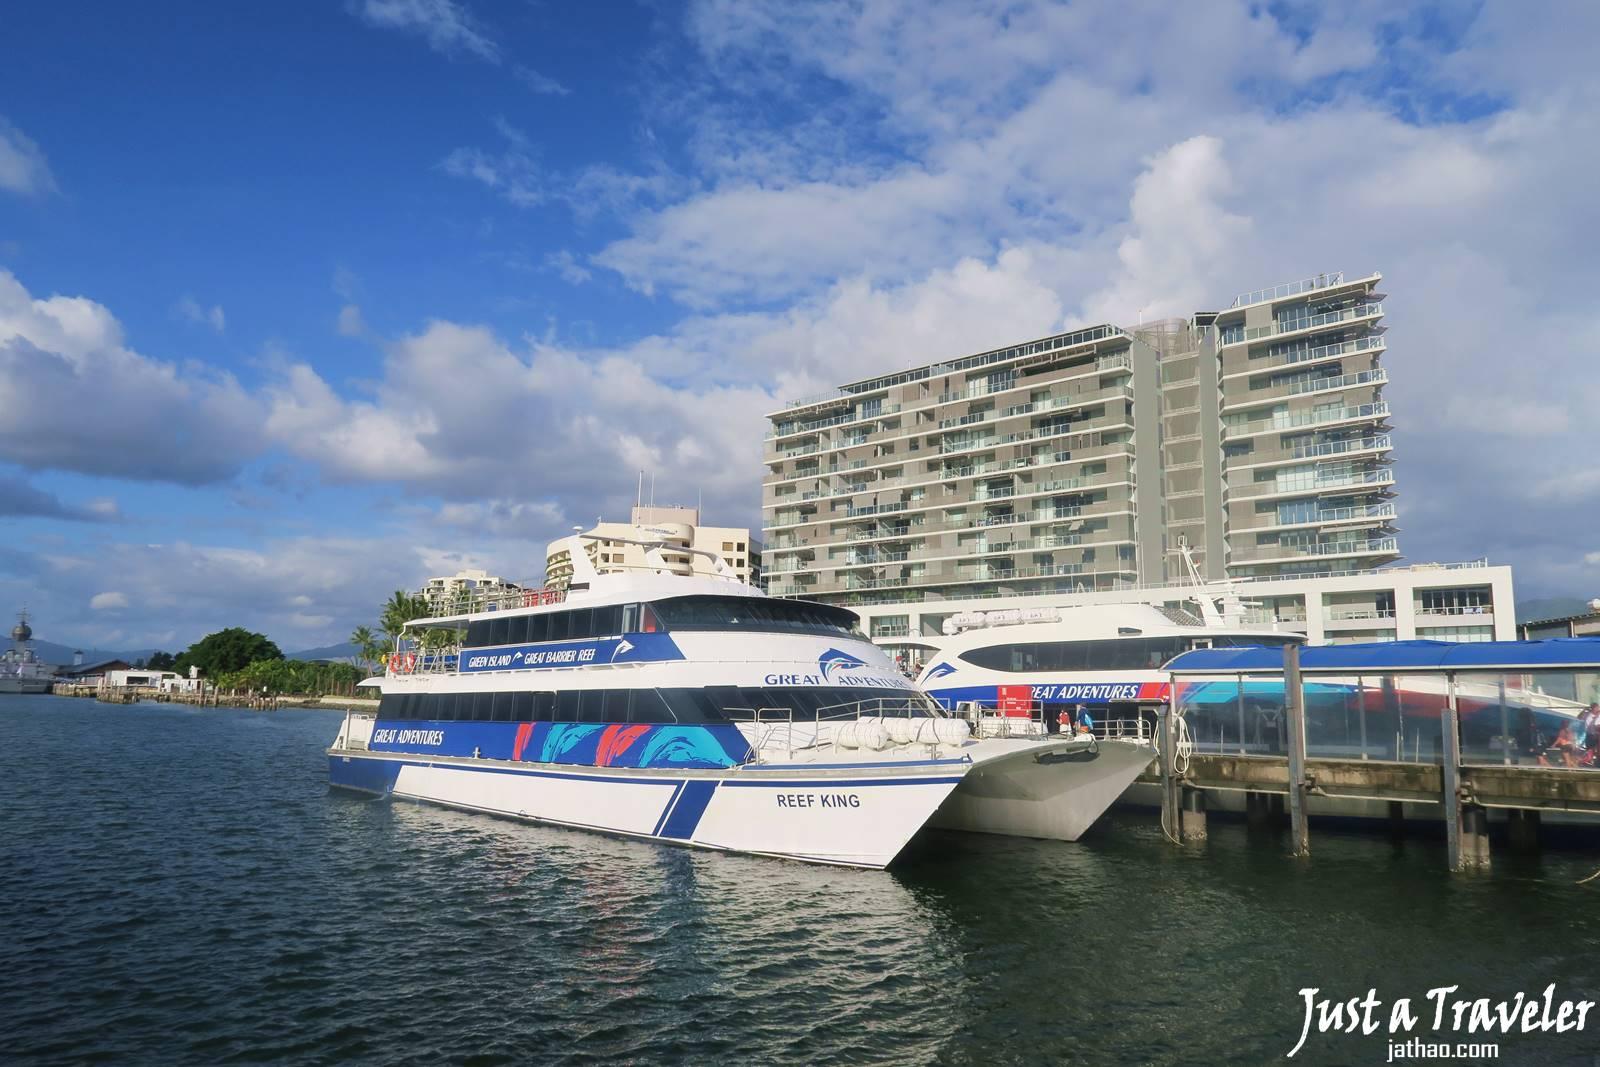 凱恩斯-港口-大堡礁-綠島-翡翠島-內堡礁-交通-推薦-旅遊-自由行-澳洲-Carins-Great-Barrier-Reef-Green-Island-Fitzroy-Island-Ferry-Terminal-Travel-Australia